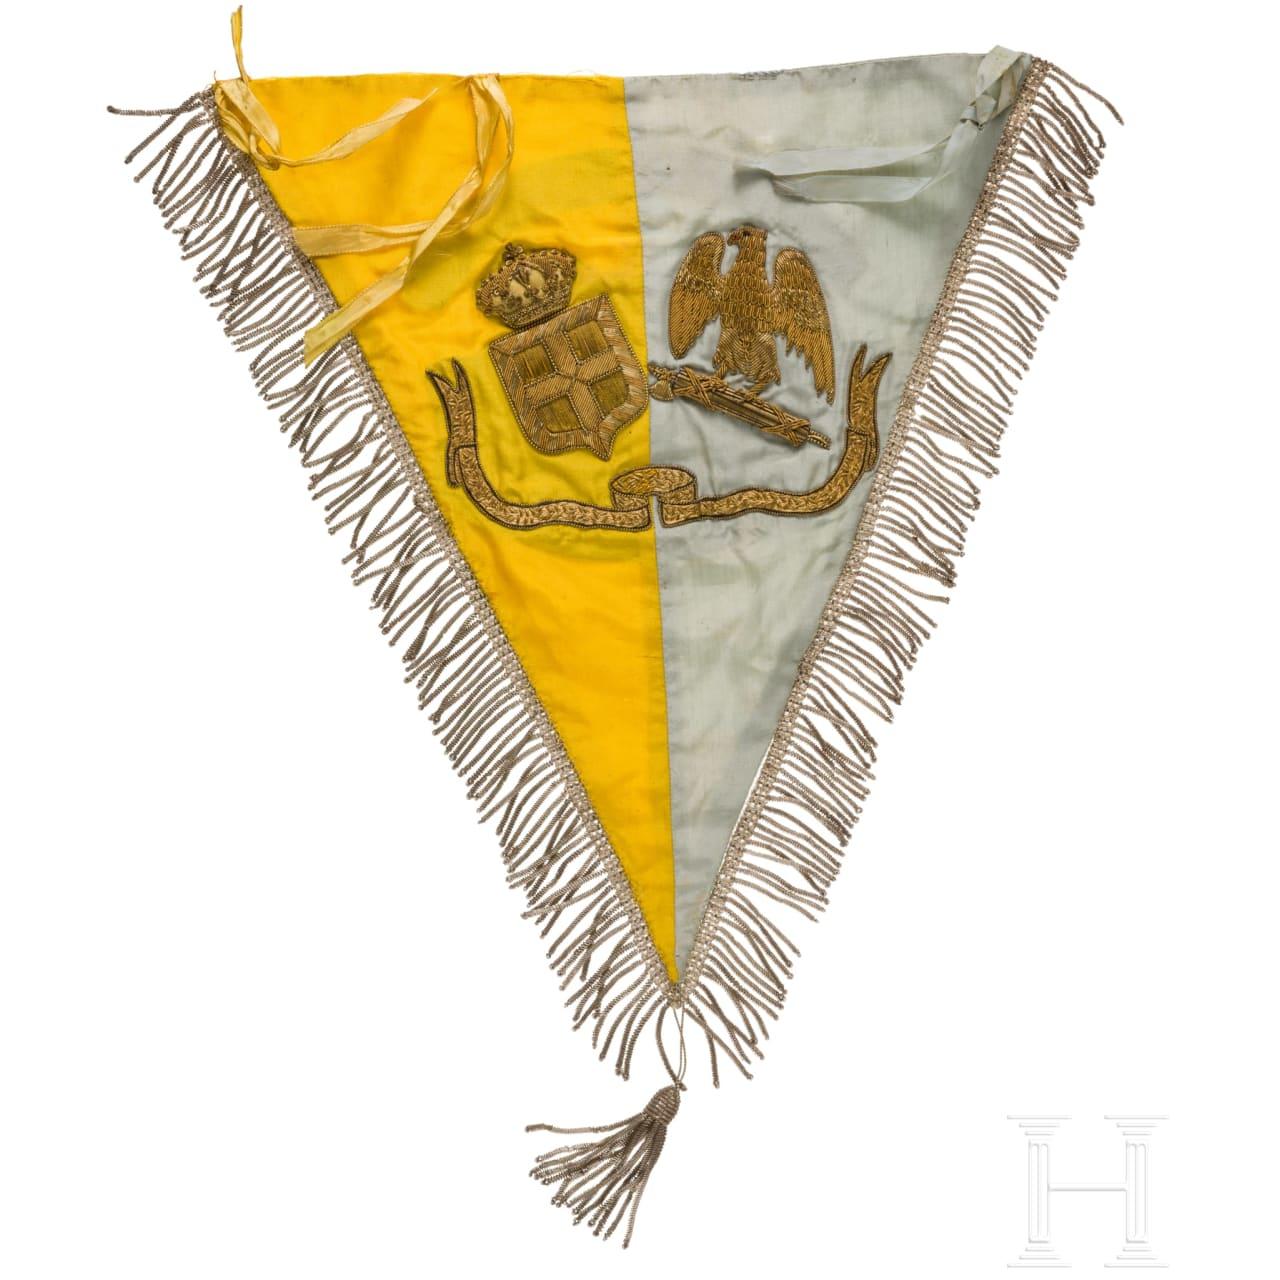 """Wimpel """"La Legione M. Mauro (134 a) al 226 Fanteria"""", 1922-28"""